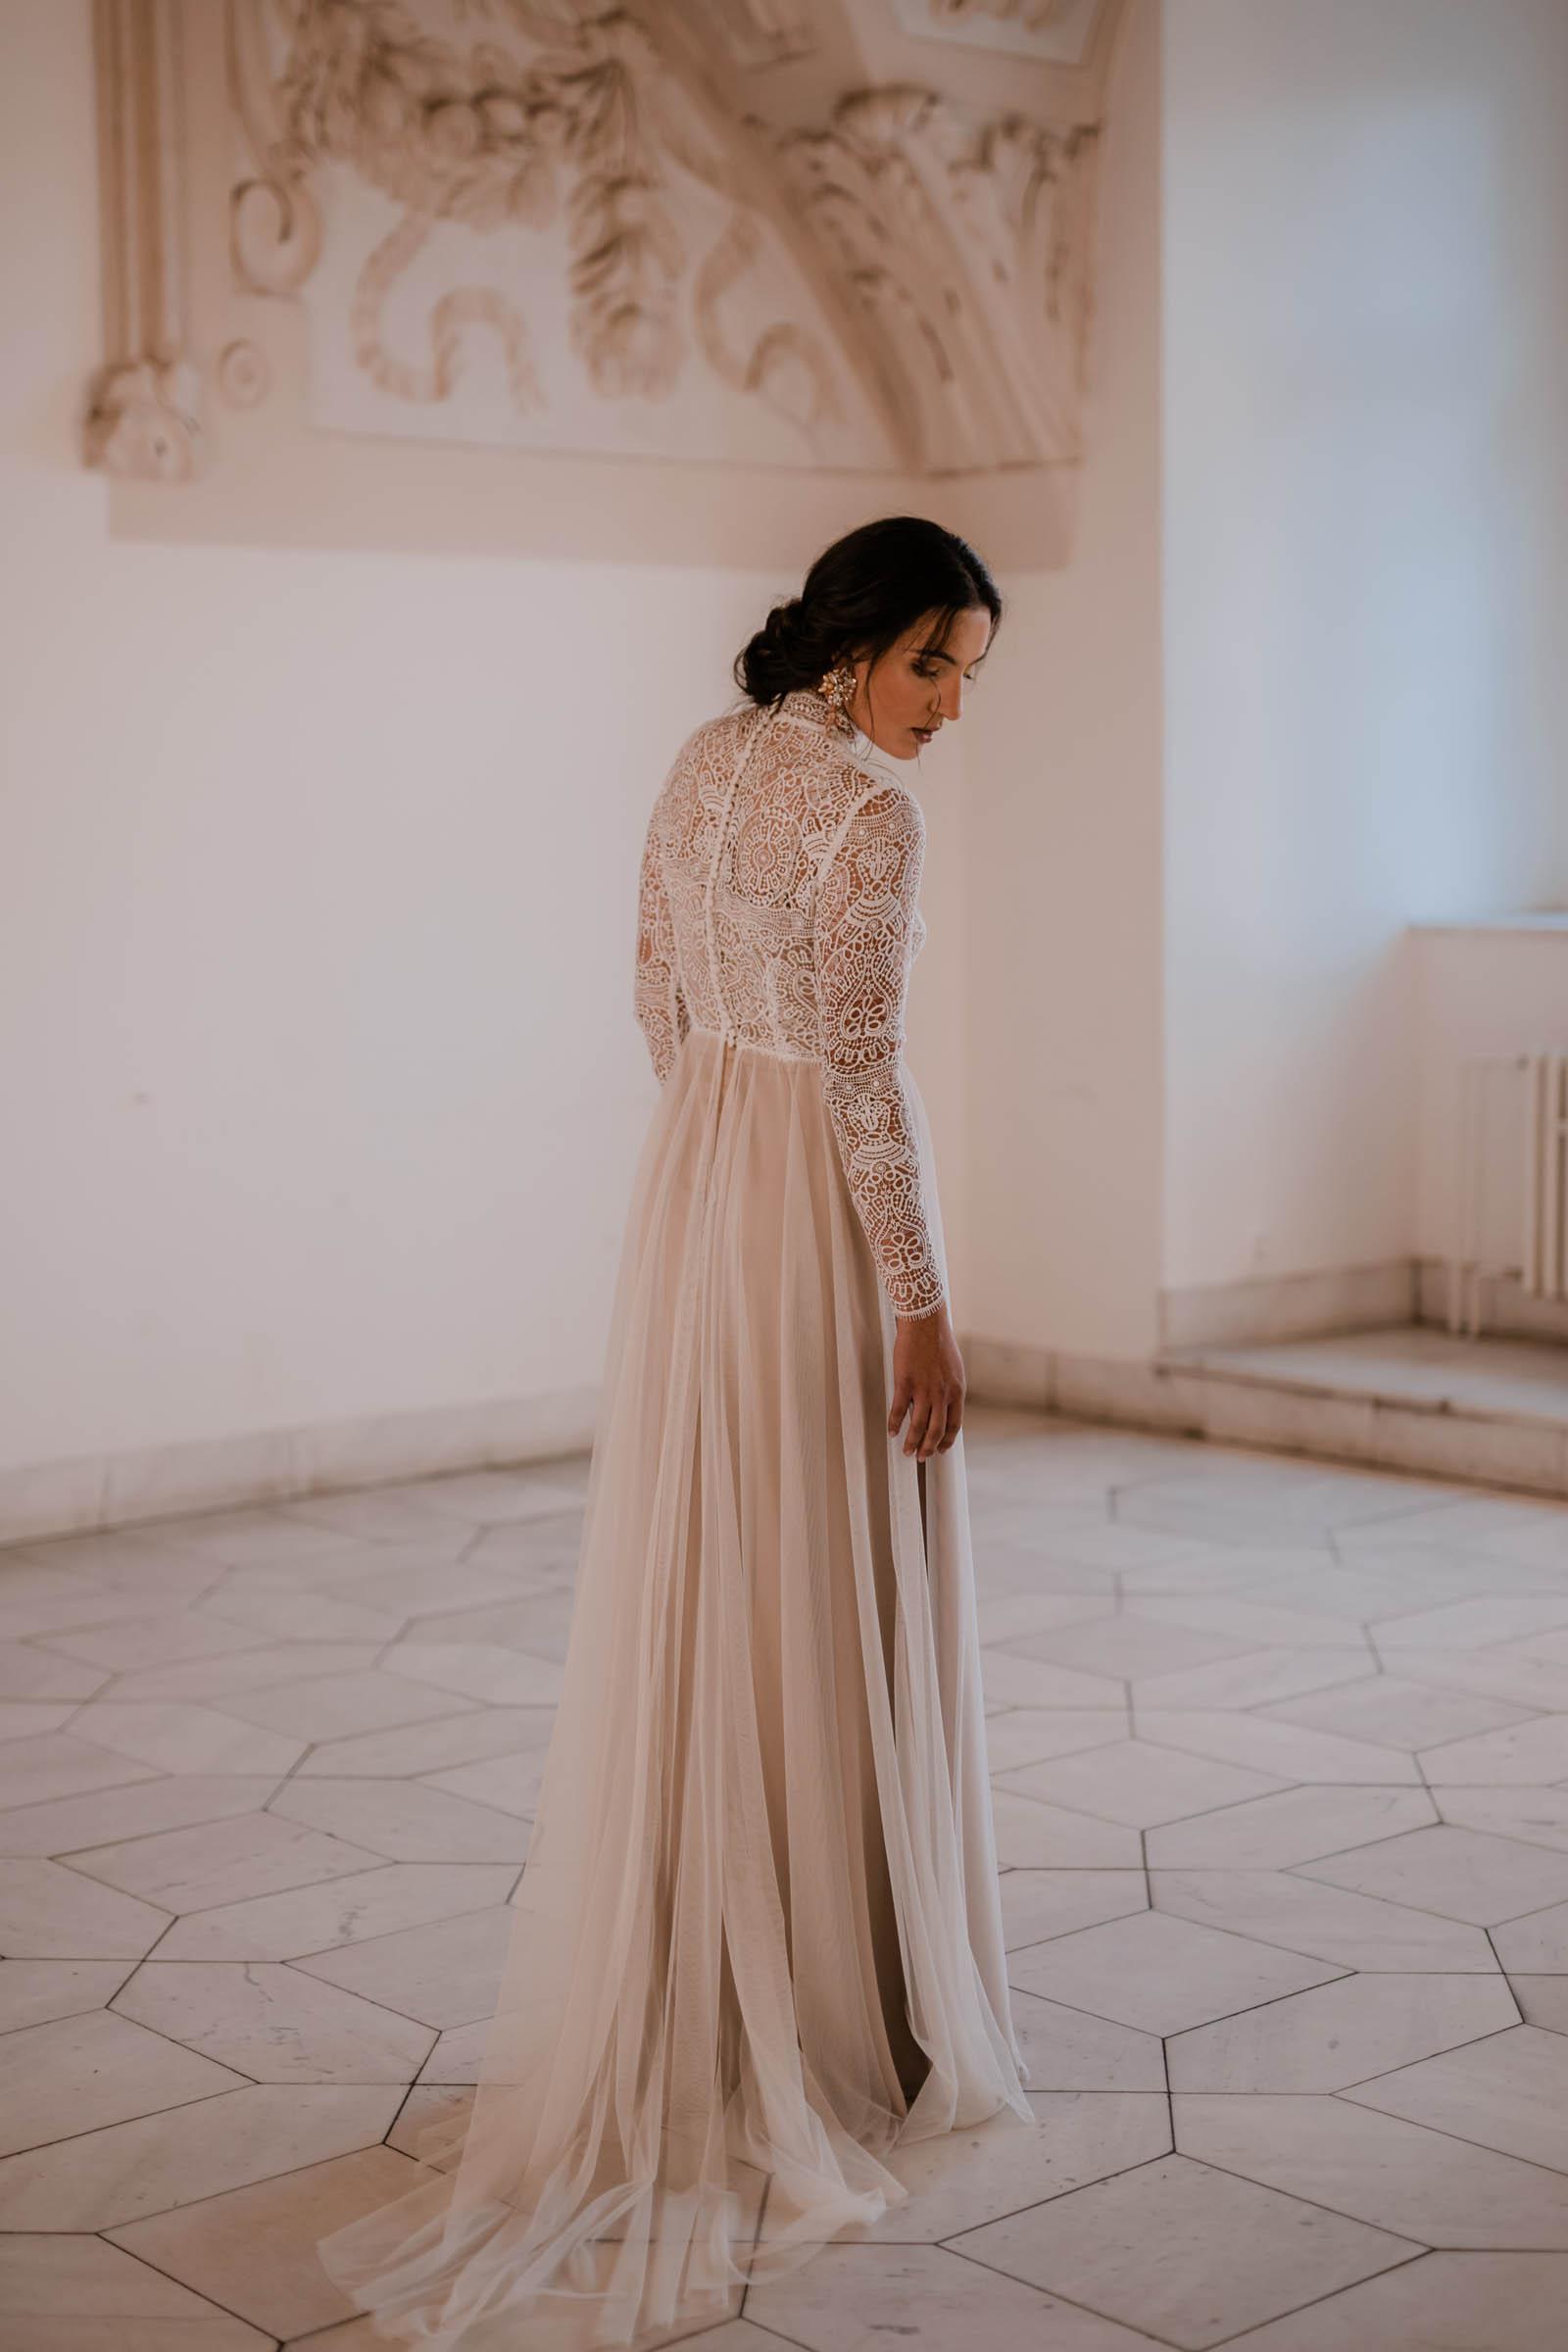 boho-svadobne-saty-veronika-kostkova-wedding-atelier-2019-charo-4